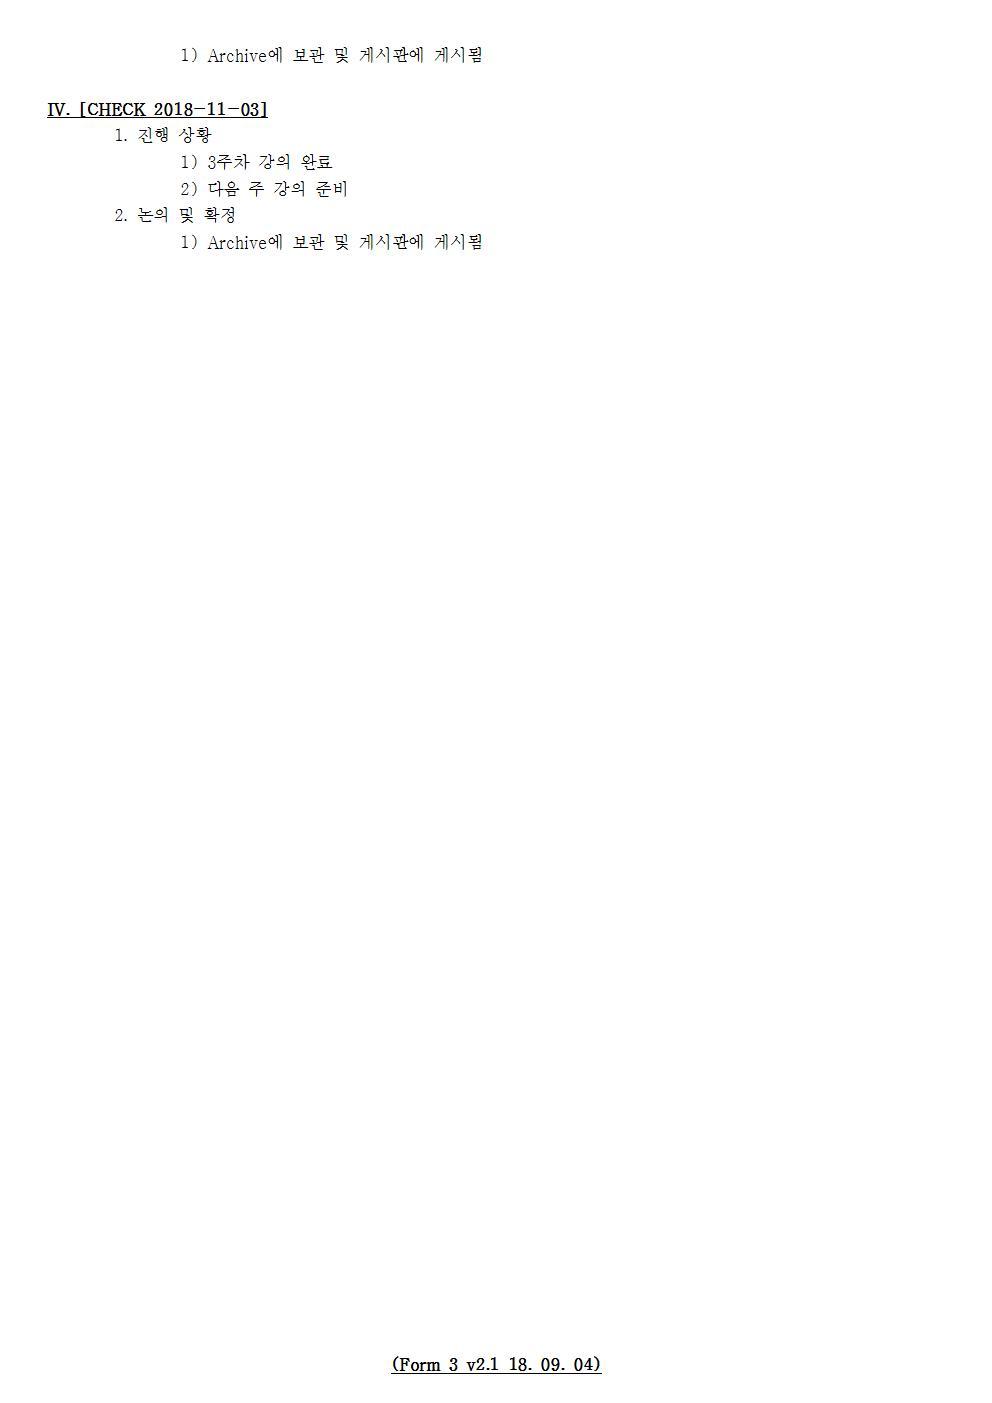 D-[18-048-LC-01]-[SE]-[2018-11-03][SH]002.jpg